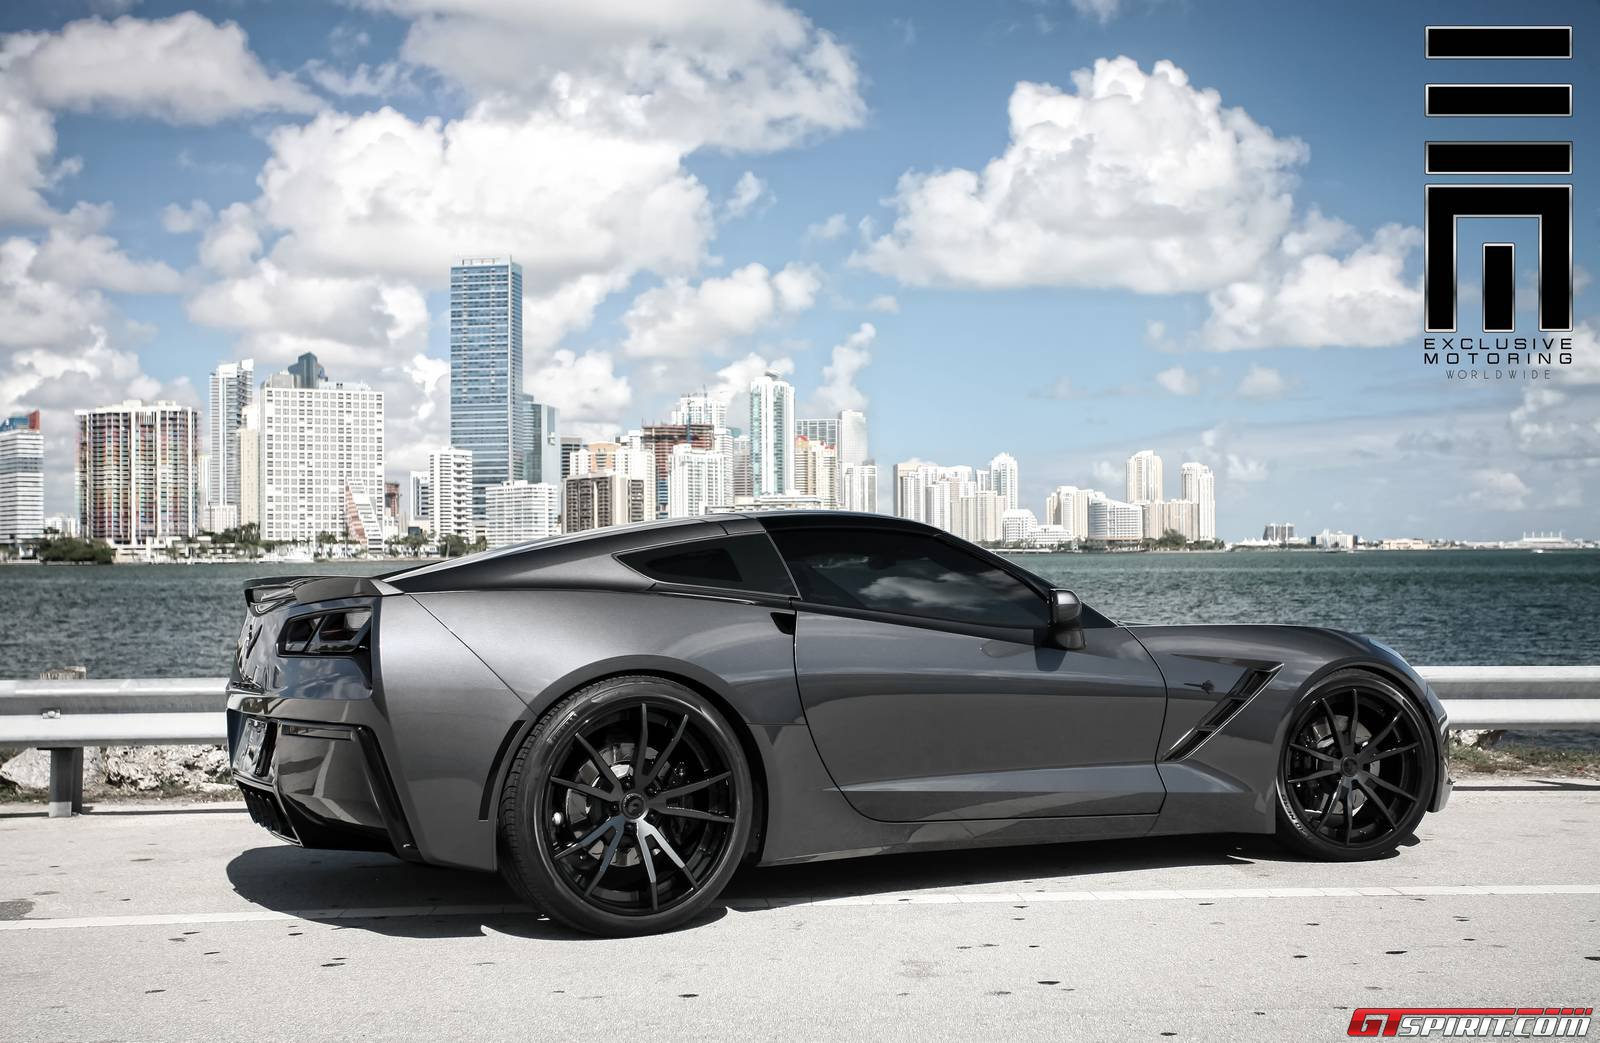 httpwwwgtspiritcomwp contentgstingray 6jpg name imageuploadedbycorvette stingray forum1408843899057319jpg - 2015 Corvette Stingray Matte Black